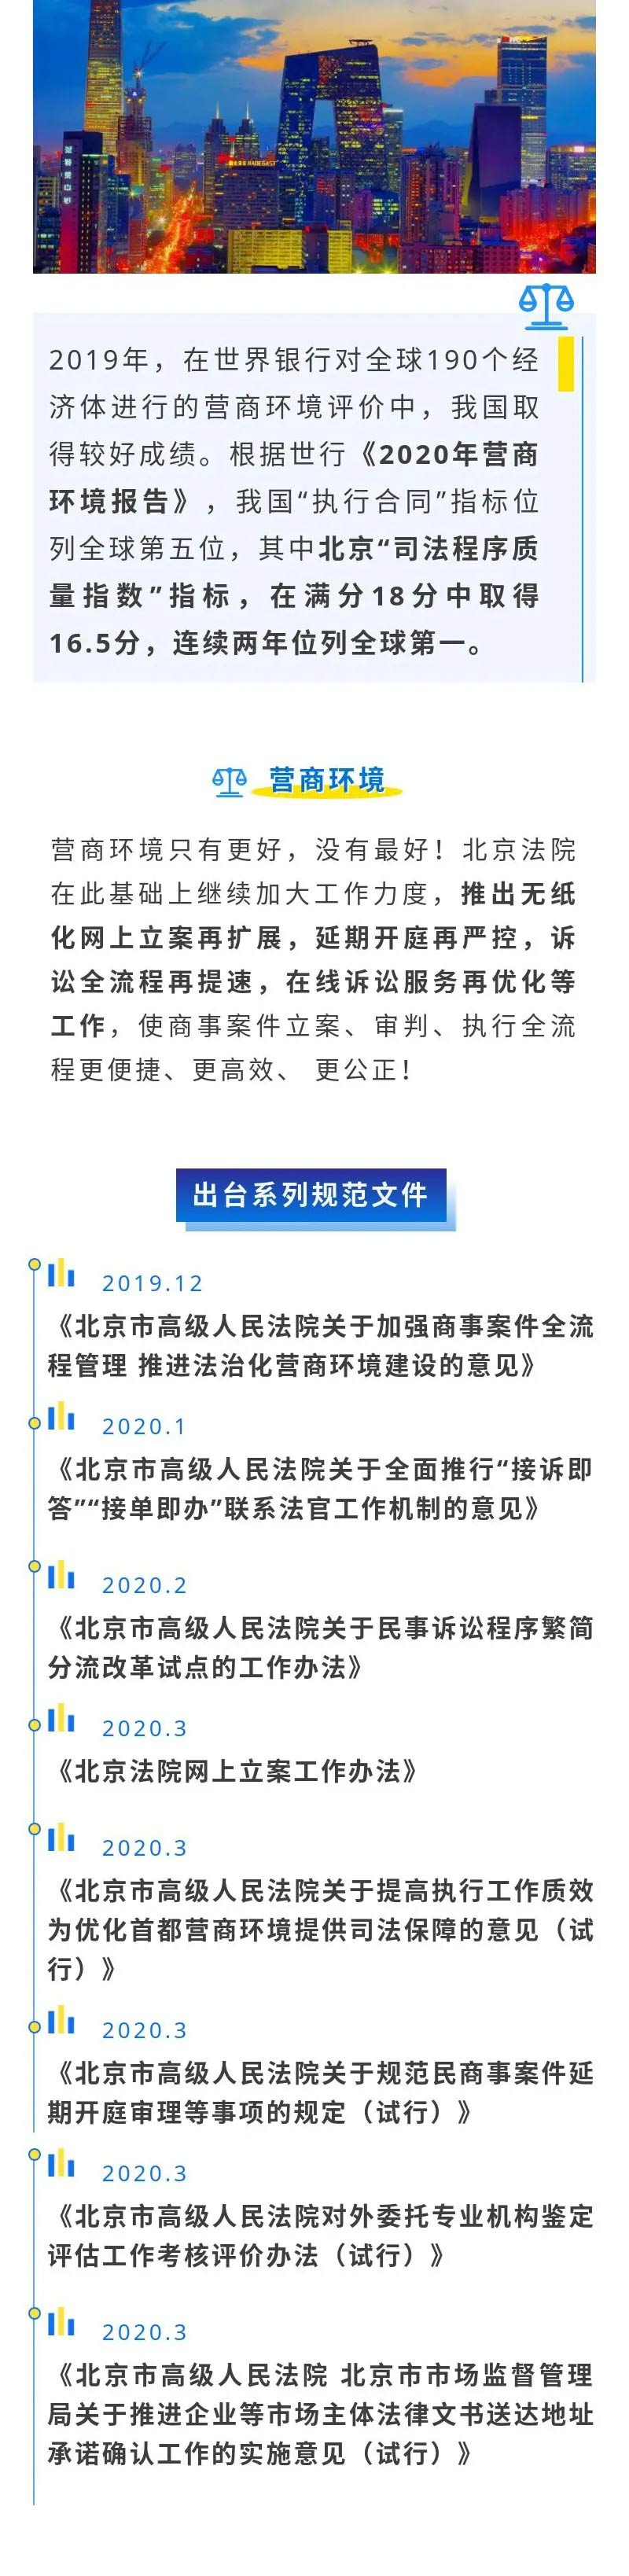 「蓝冠官网」京法院优蓝冠官网化营商环图片